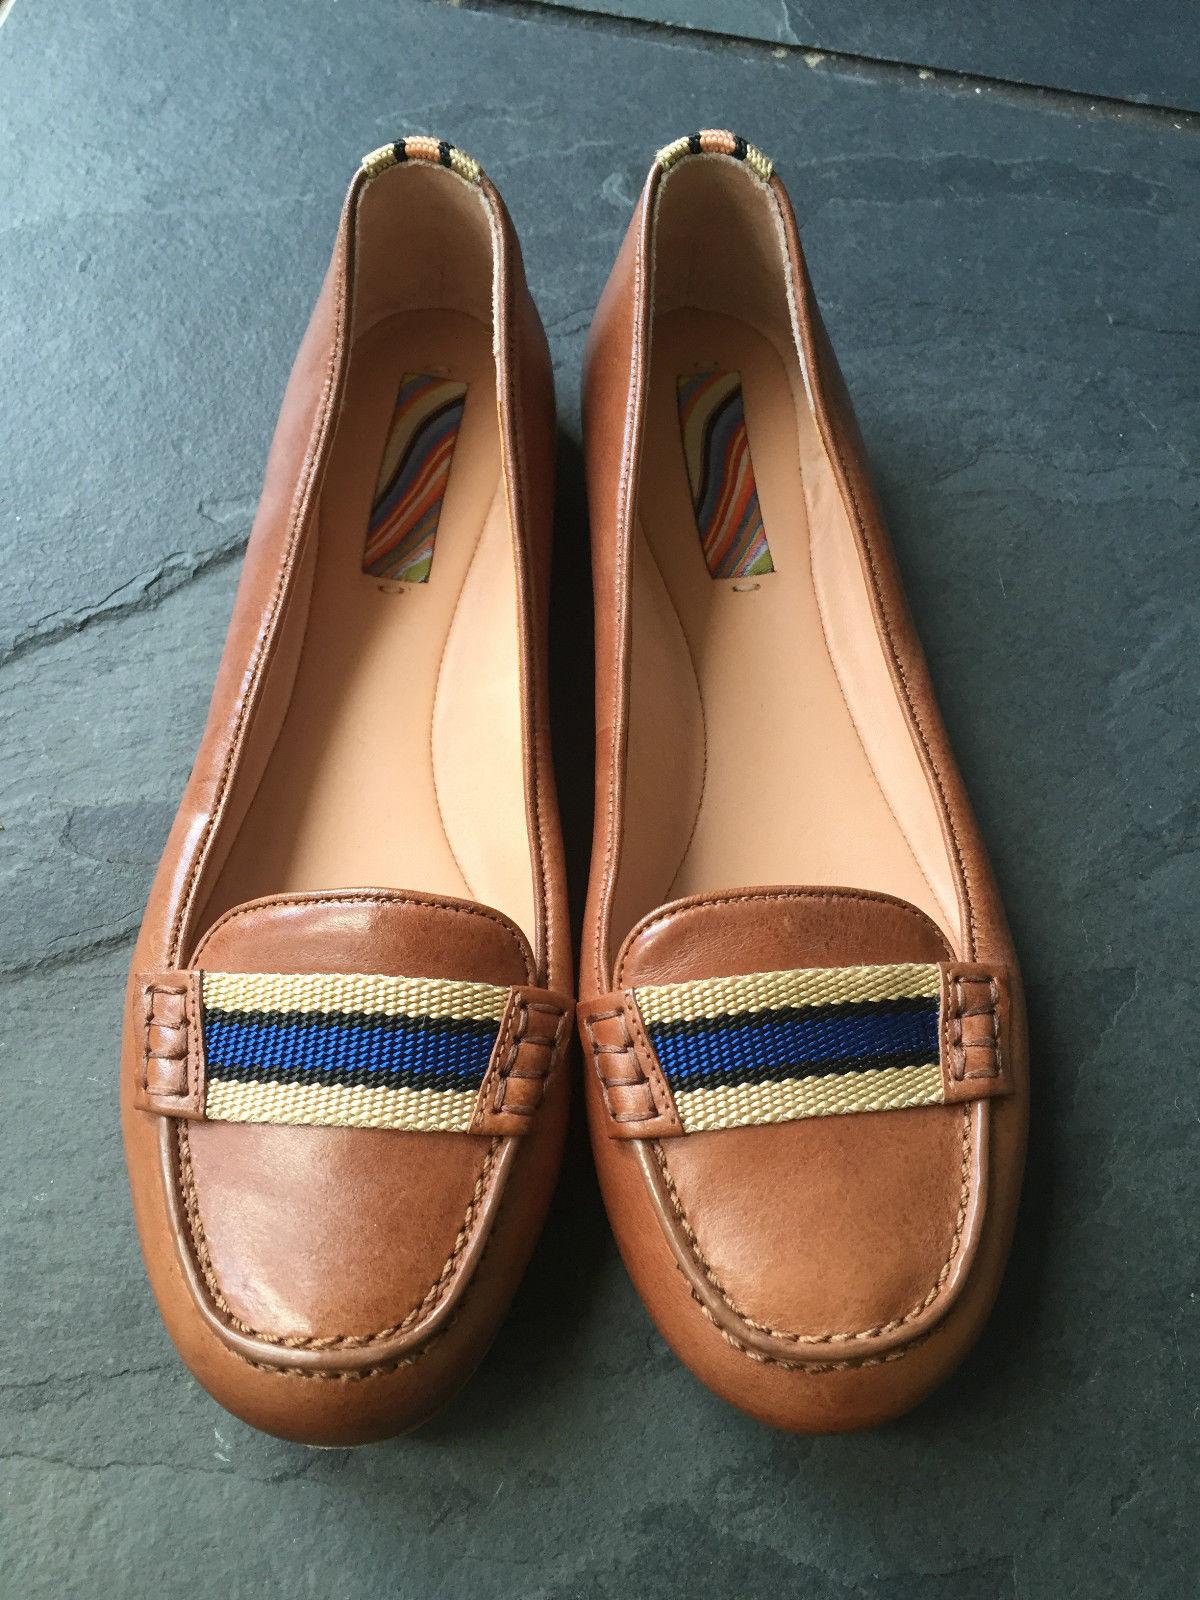 Shuh Shoes Eu Size